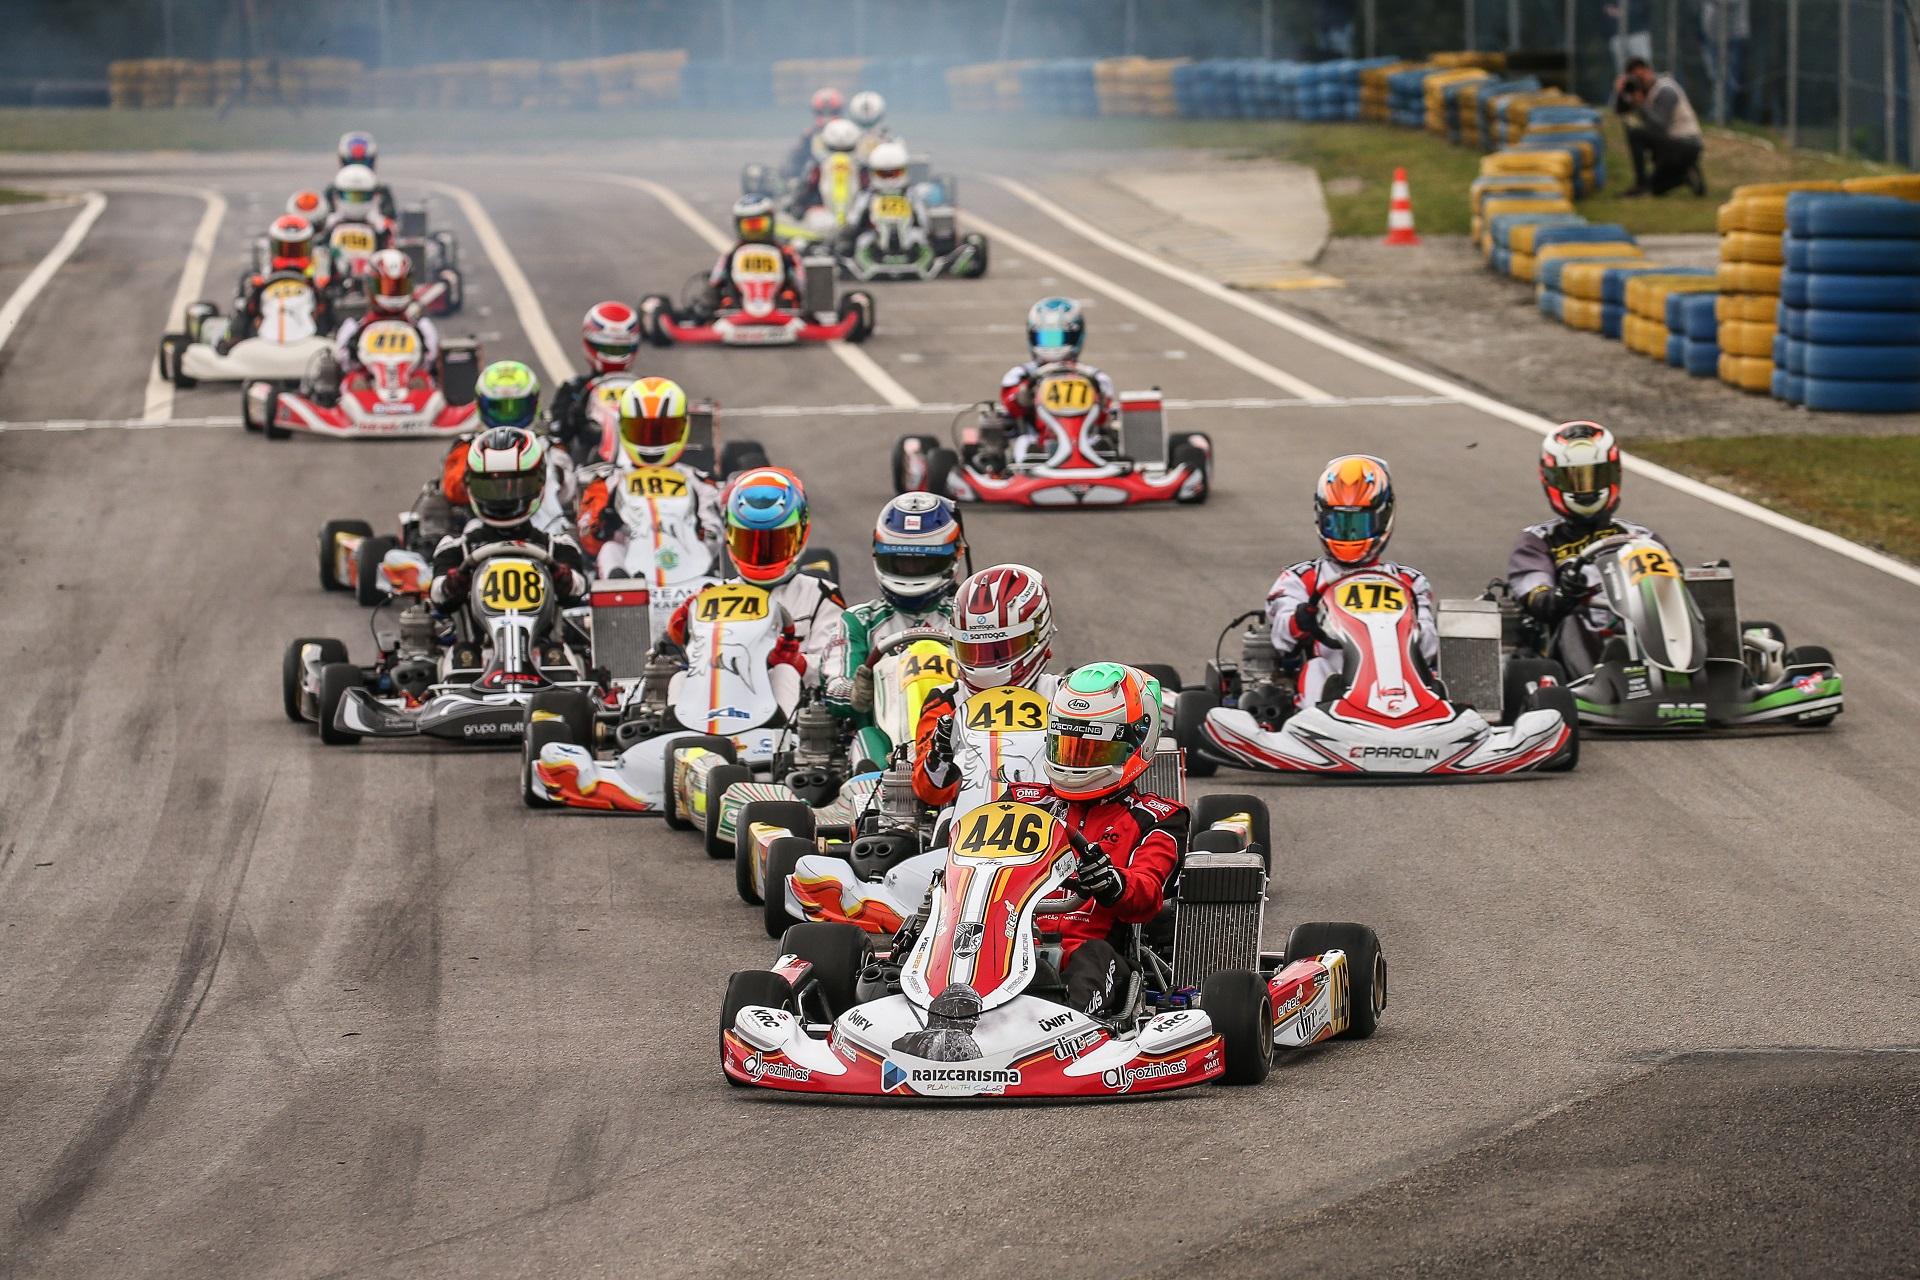 Campeonato de Portugal de Karting KIA regressa com 77 inscritos em Viana do Castelo